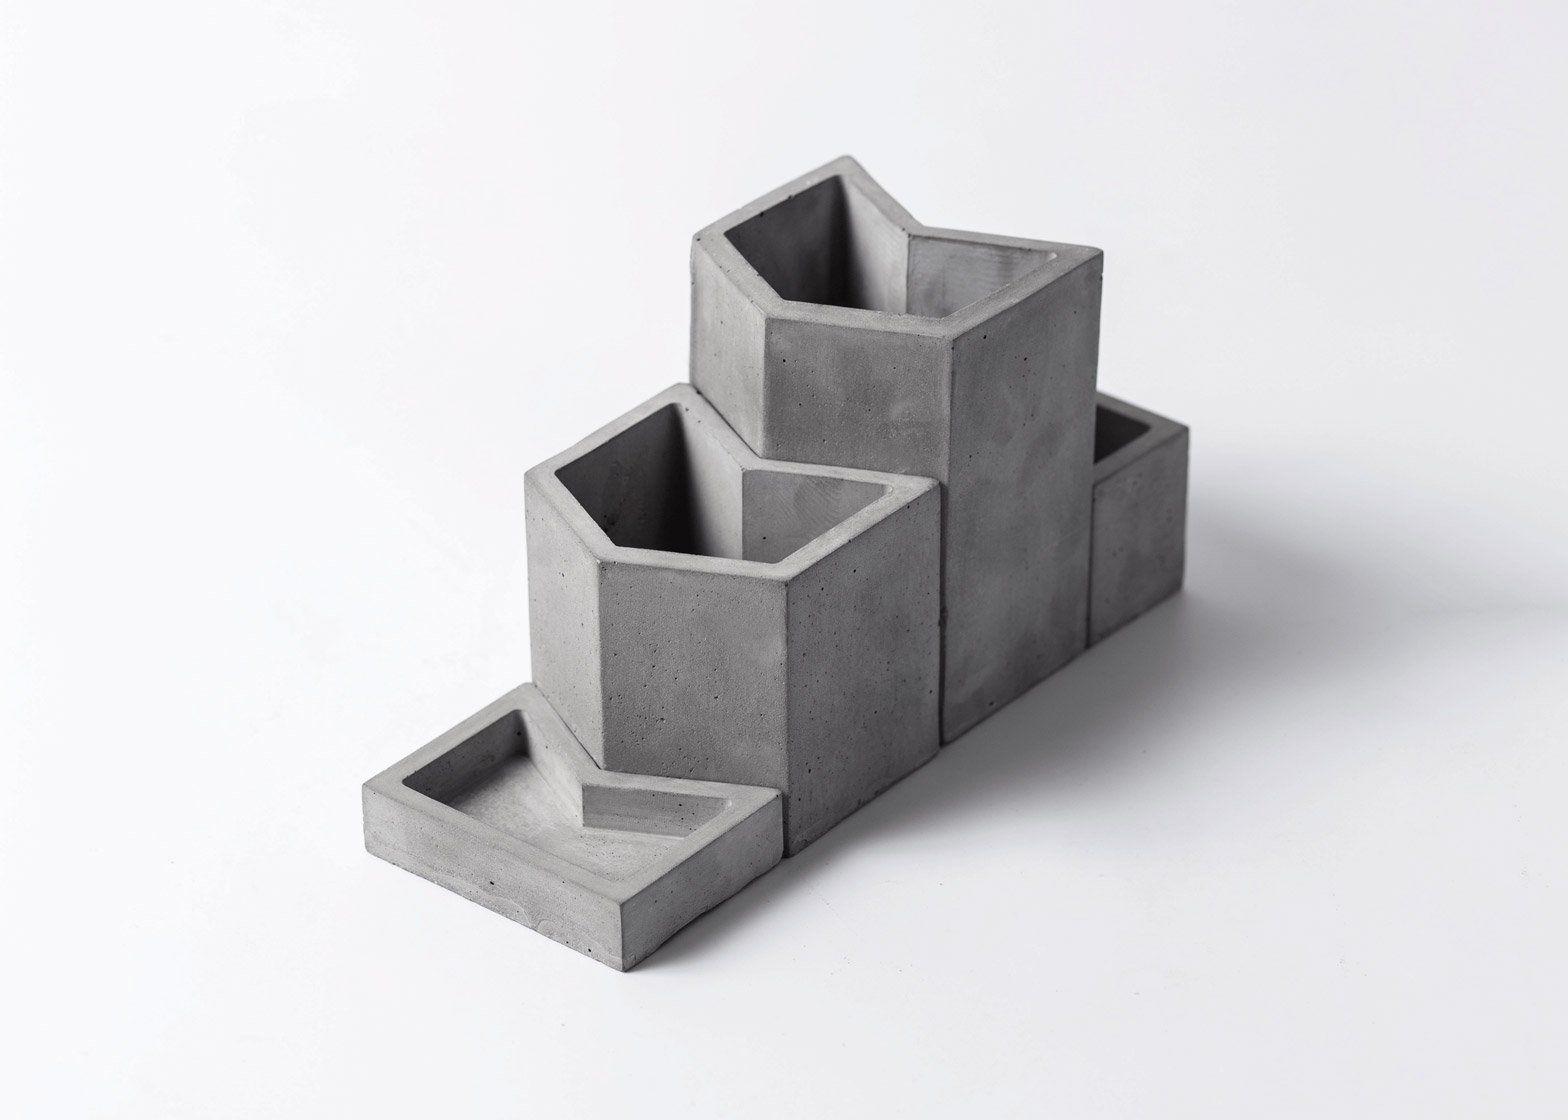 Канцелярский бетон бетон контакт купить в самаре